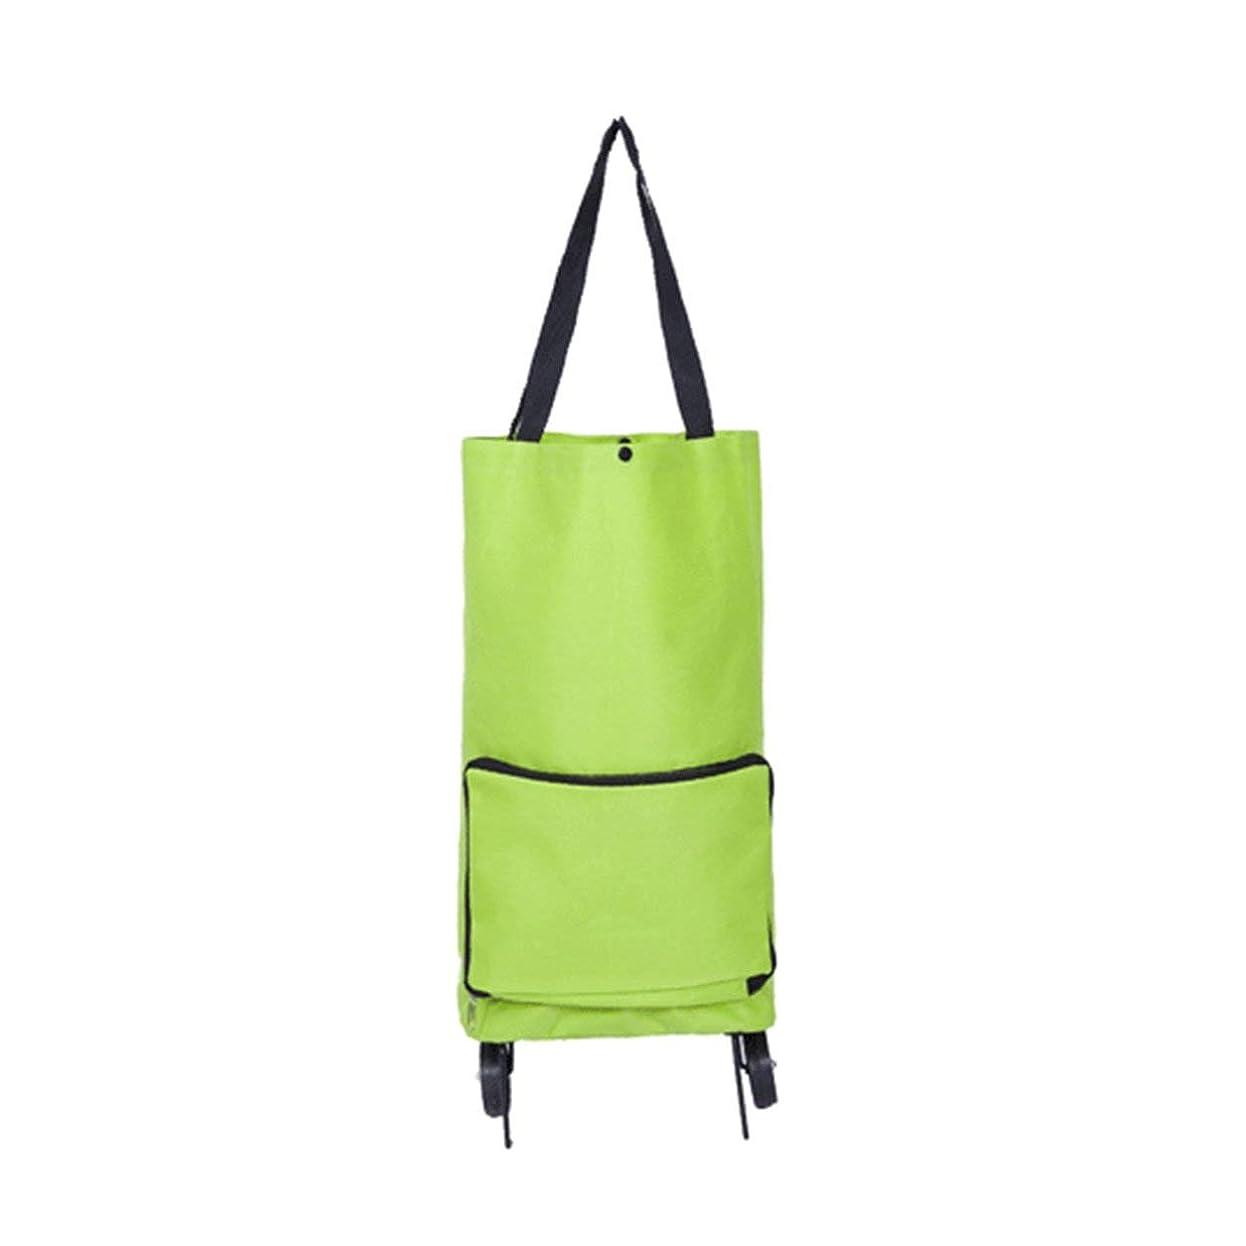 吸うアレキサンダーグラハムベルマージンSaikogoods 多機能防水オックスフォード布折り畳み式SupermarkerショッピングトロリーホイールバッグTravalカート荷物バッグ 緑